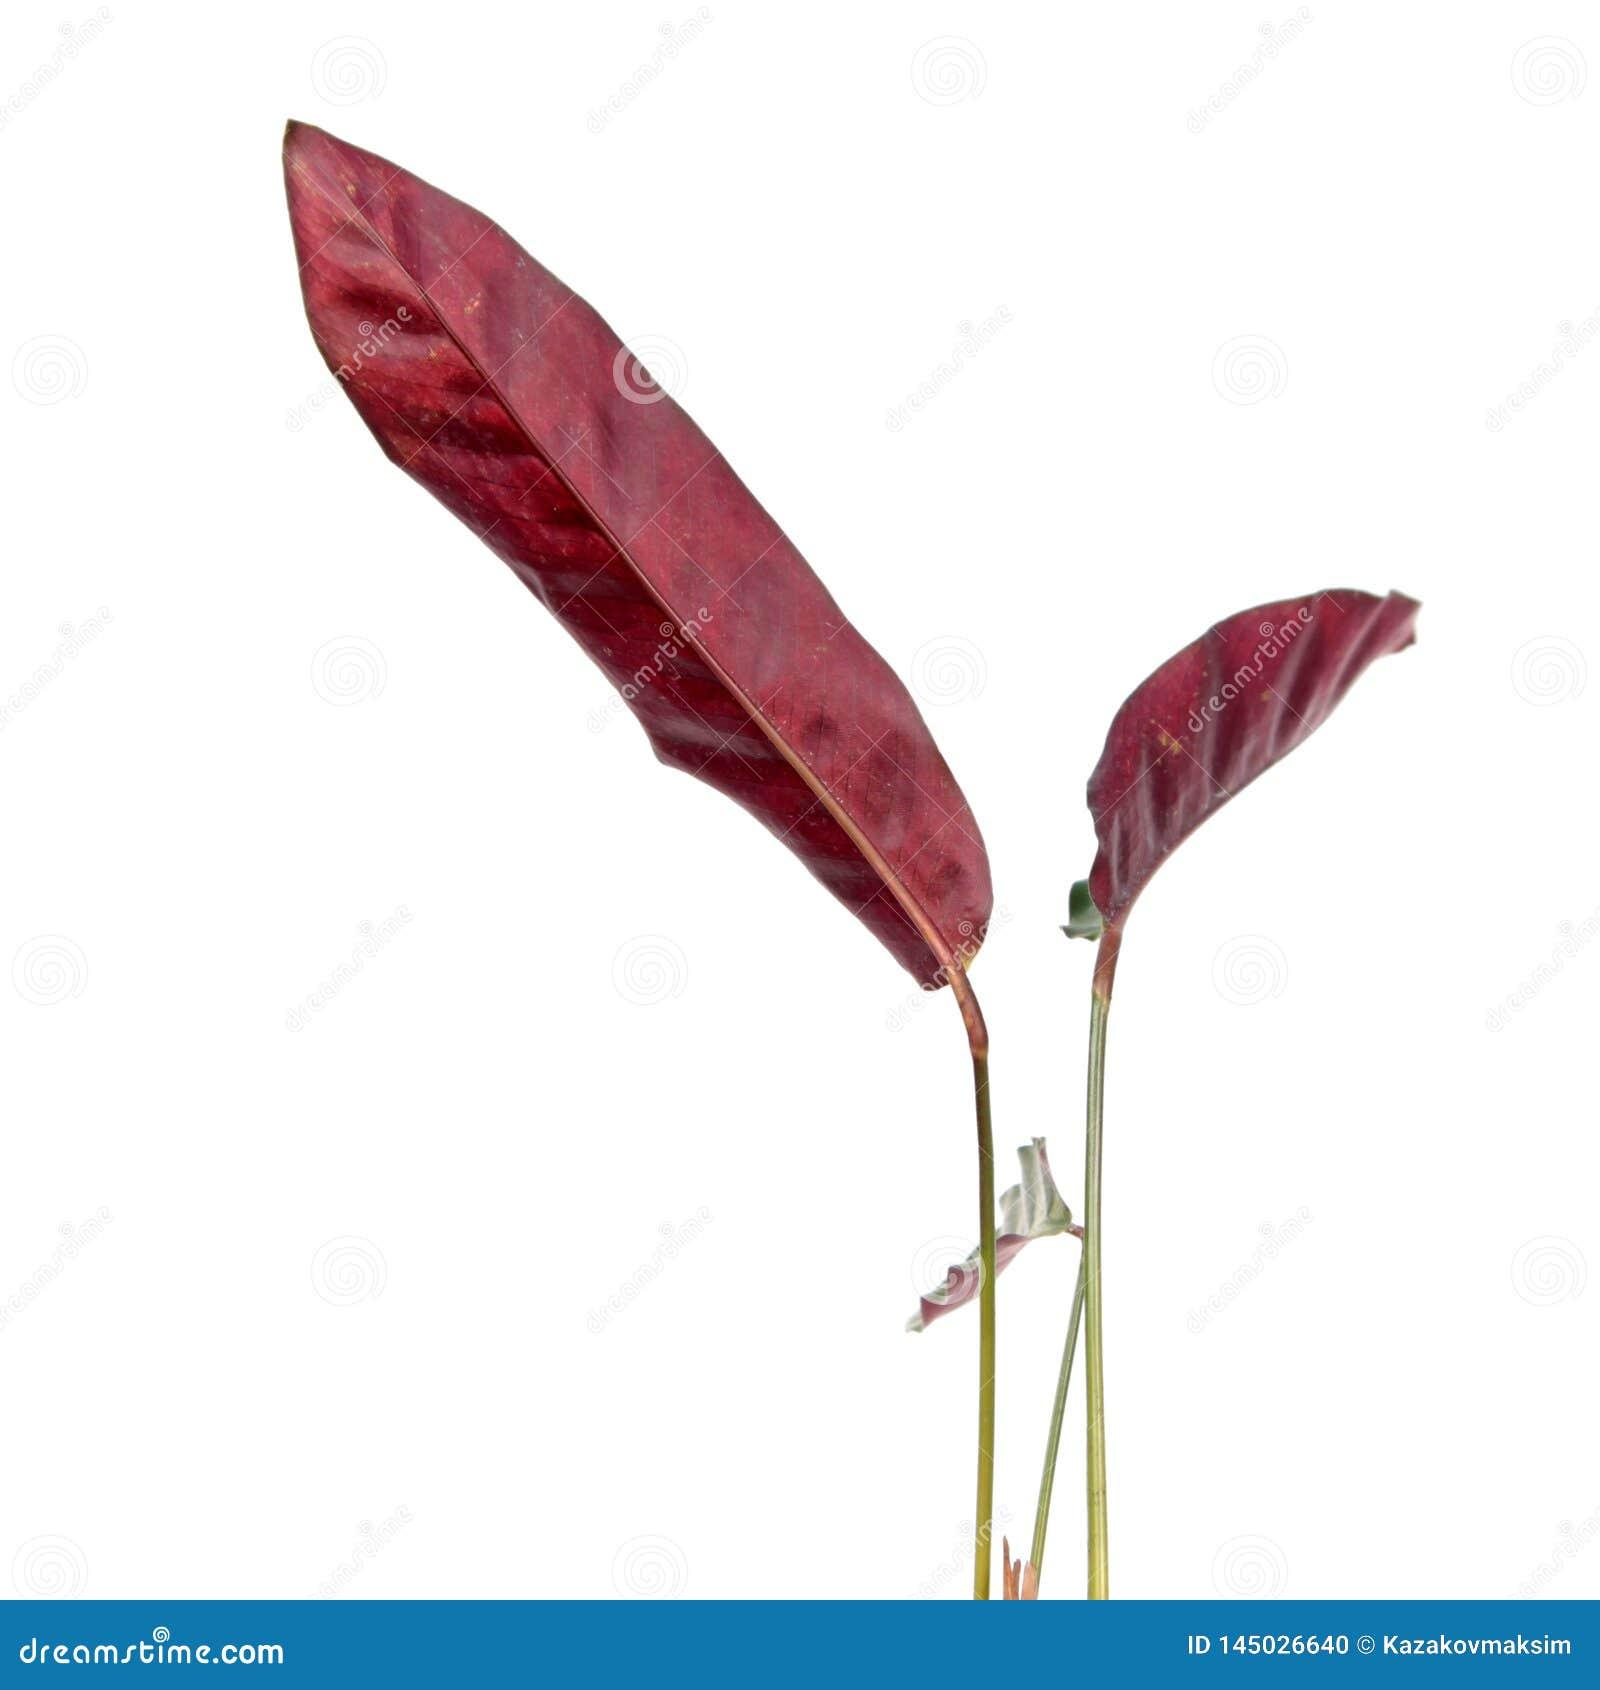 Purple leaves of Calathea lancifolia or Rattlesnake Plant isolated on white background